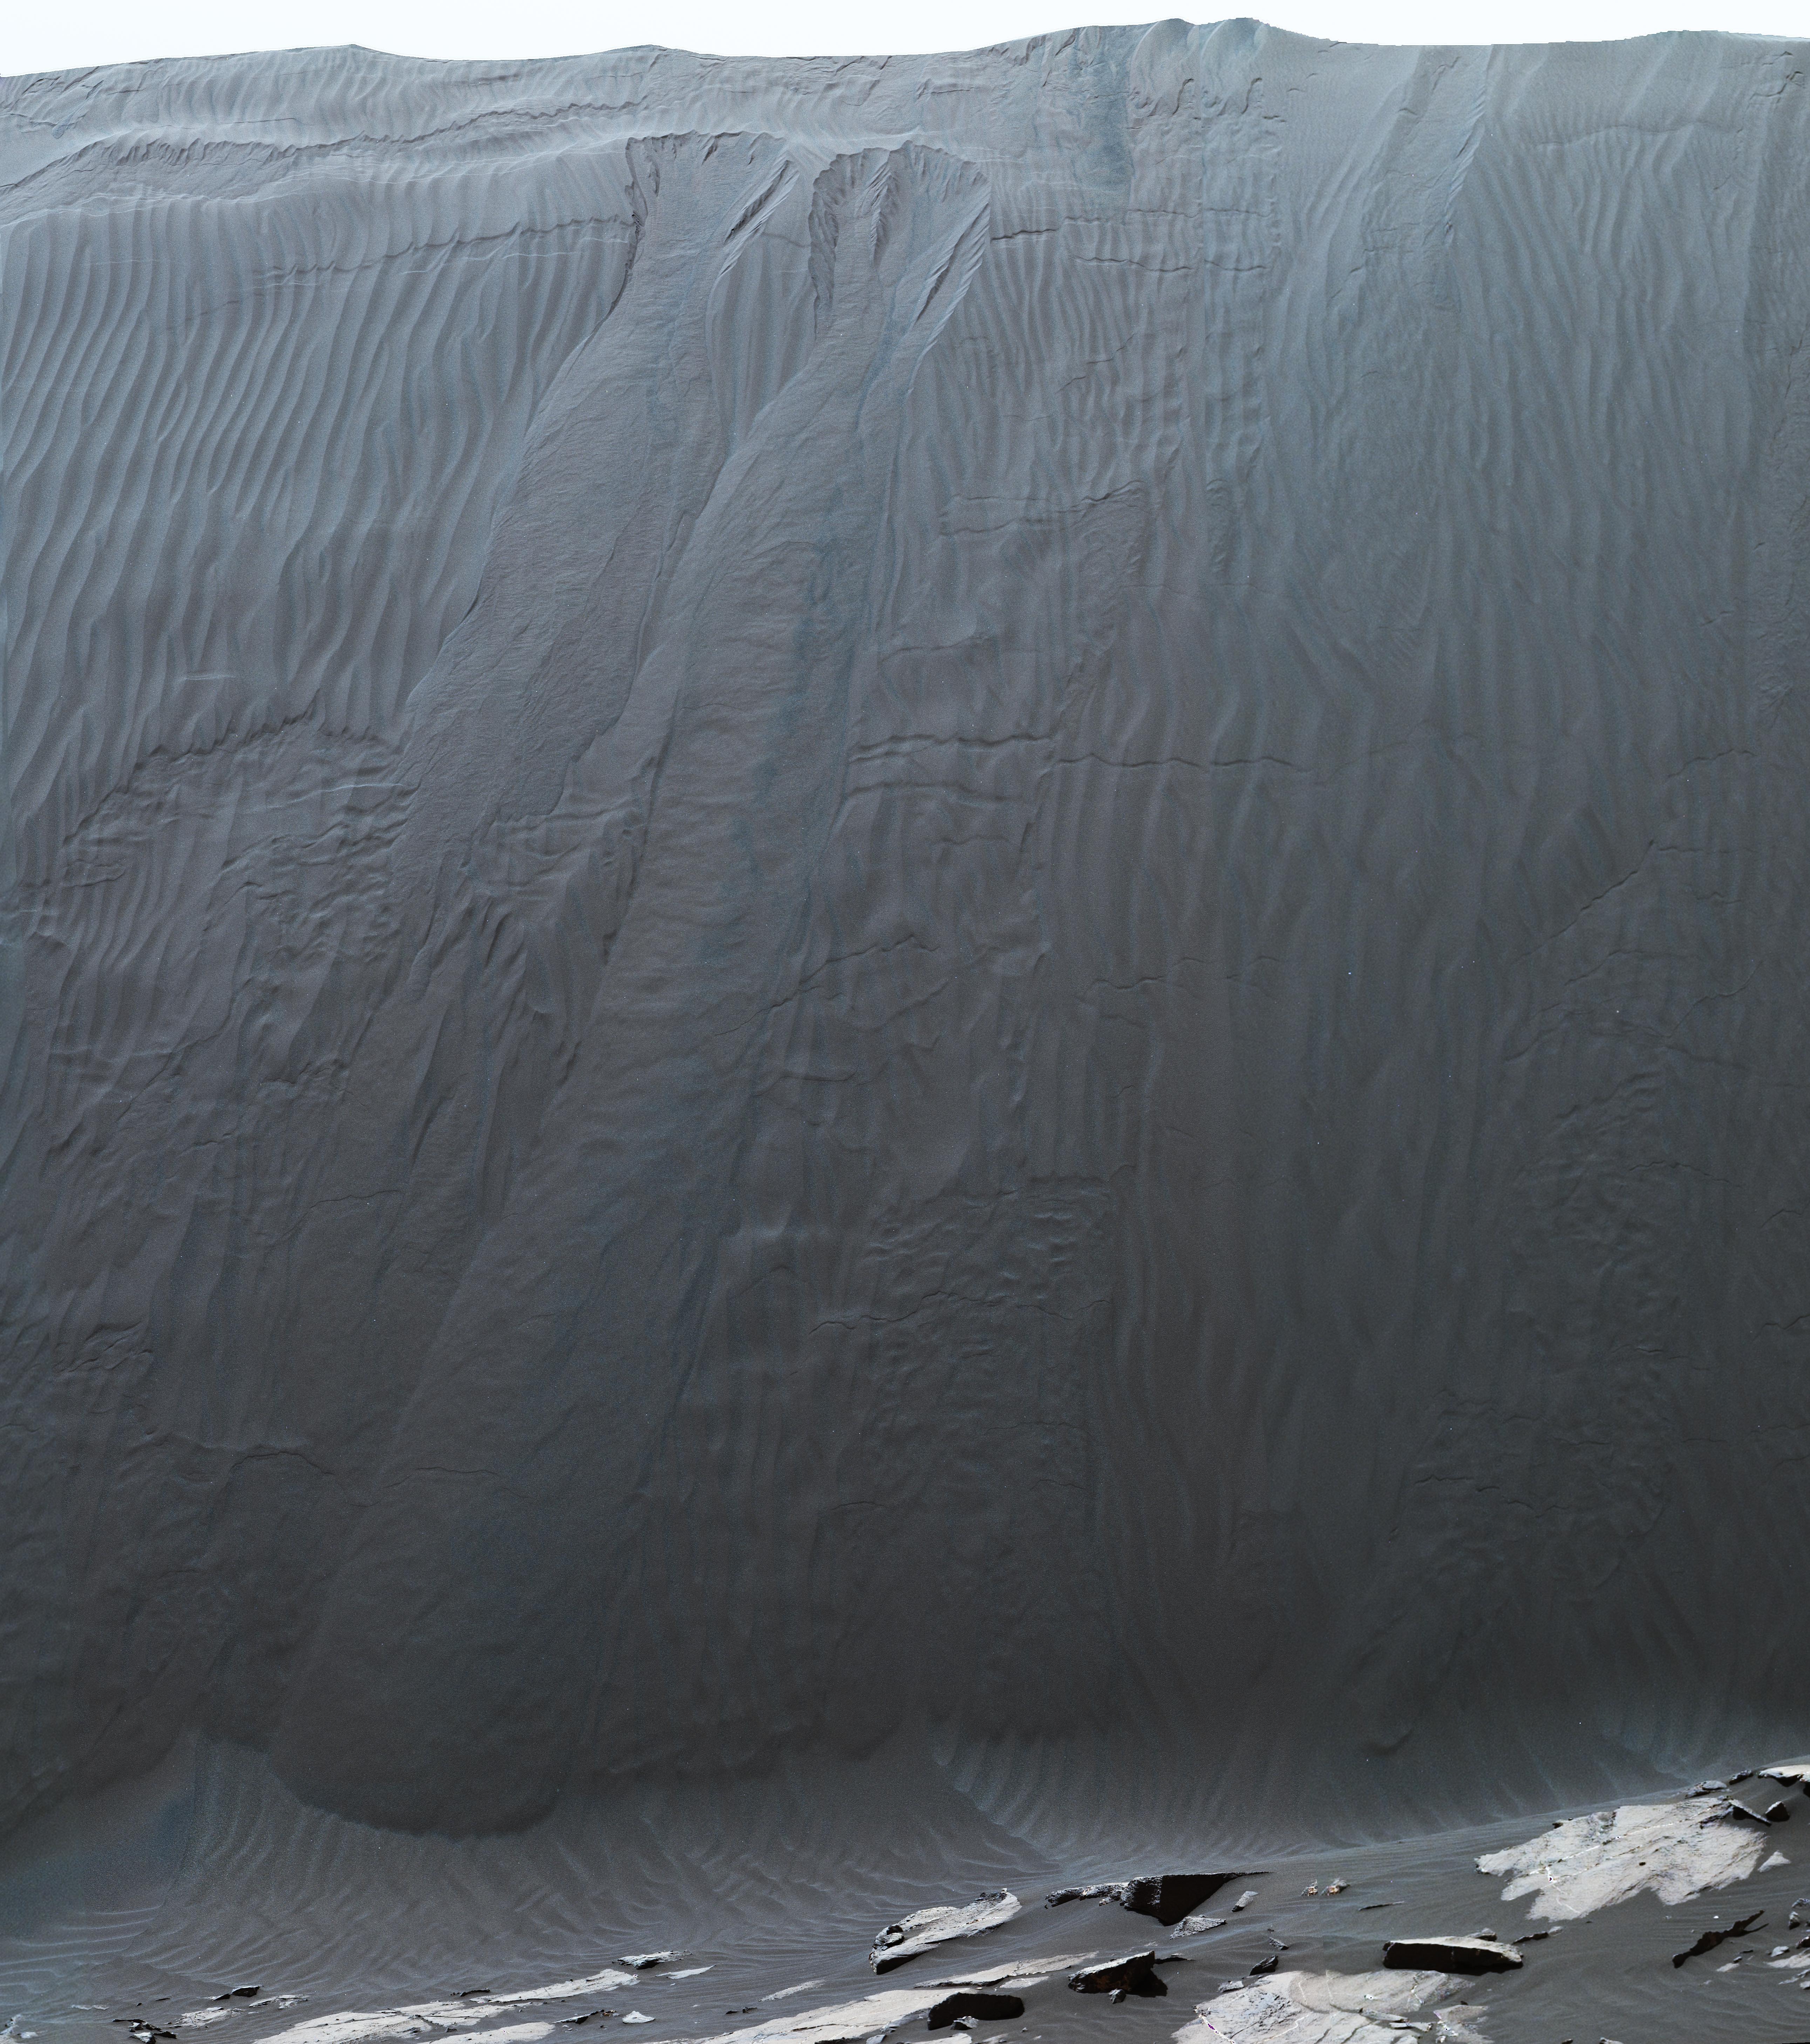 Curiosity Rover Namib Dune